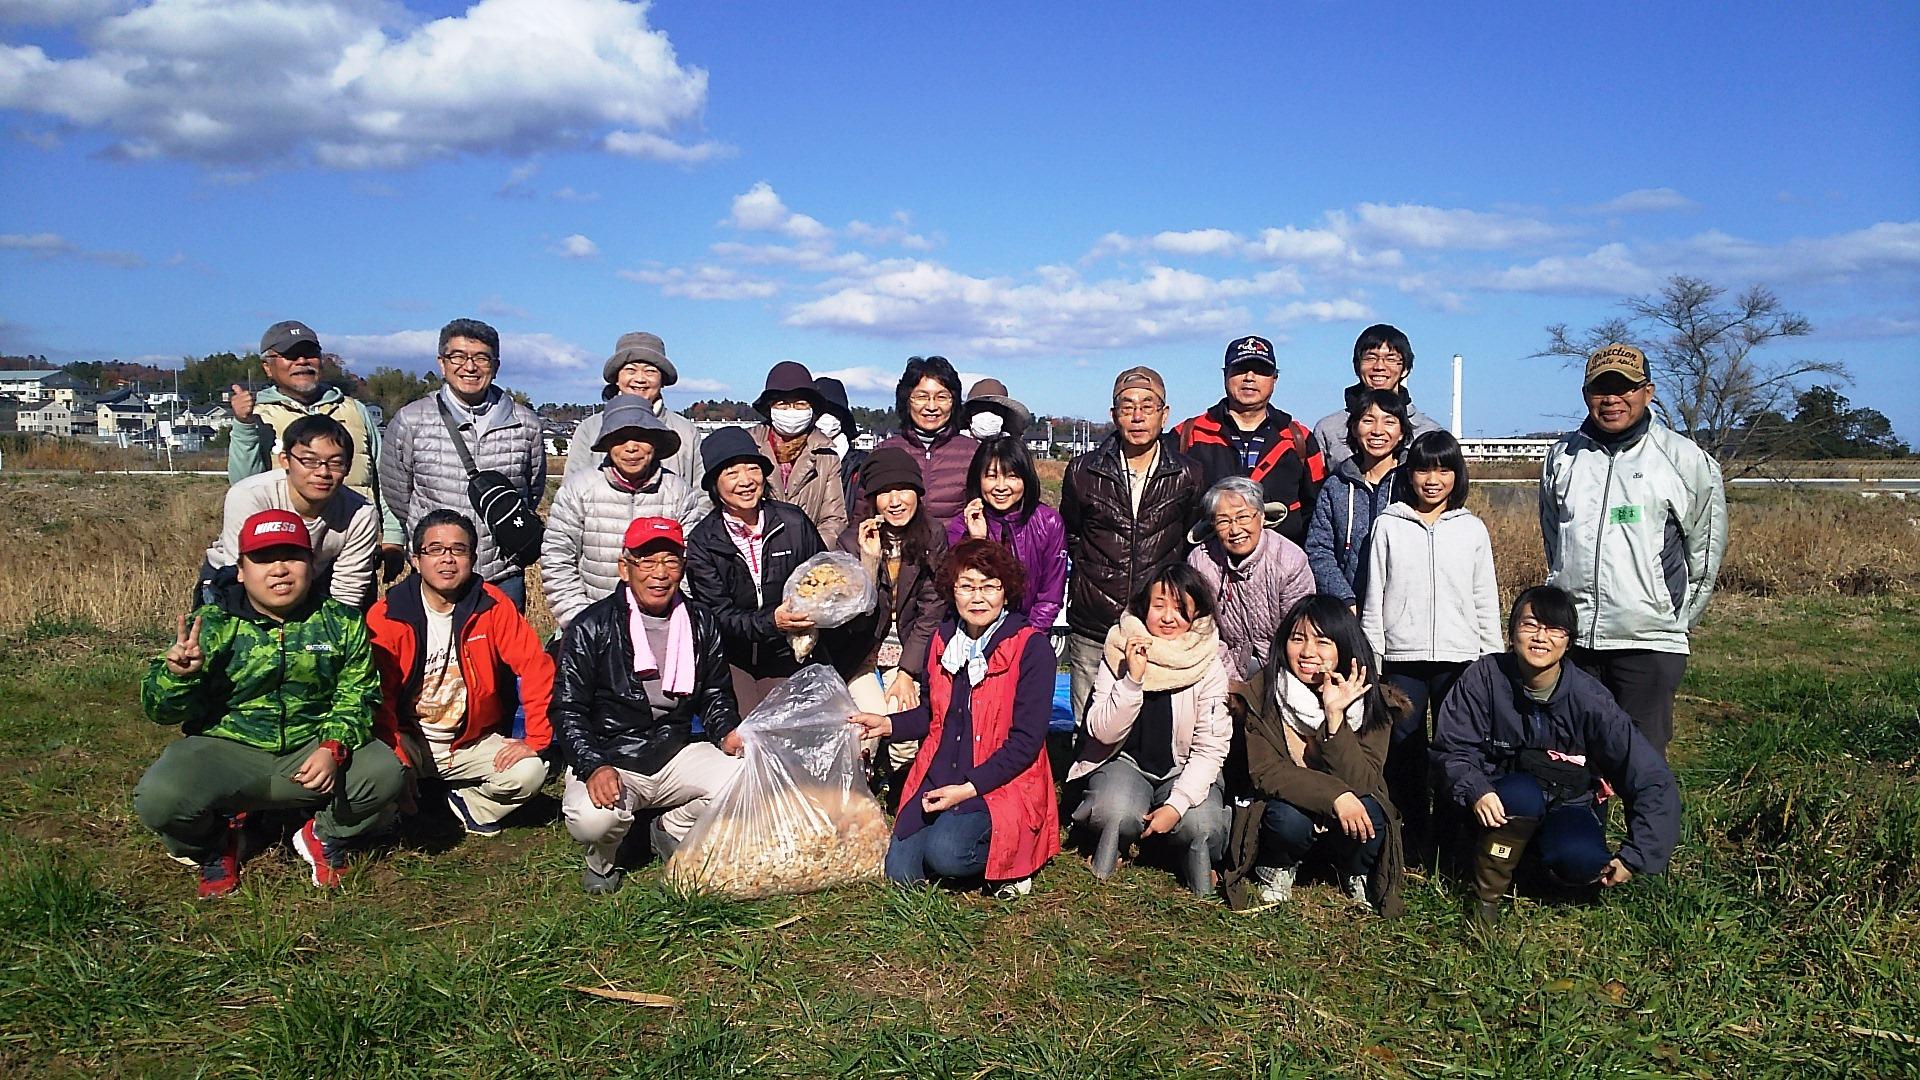 「広野原笑顔サンサンプロジェクト」交流イベント ボランティア日帰りツアーのみなさん